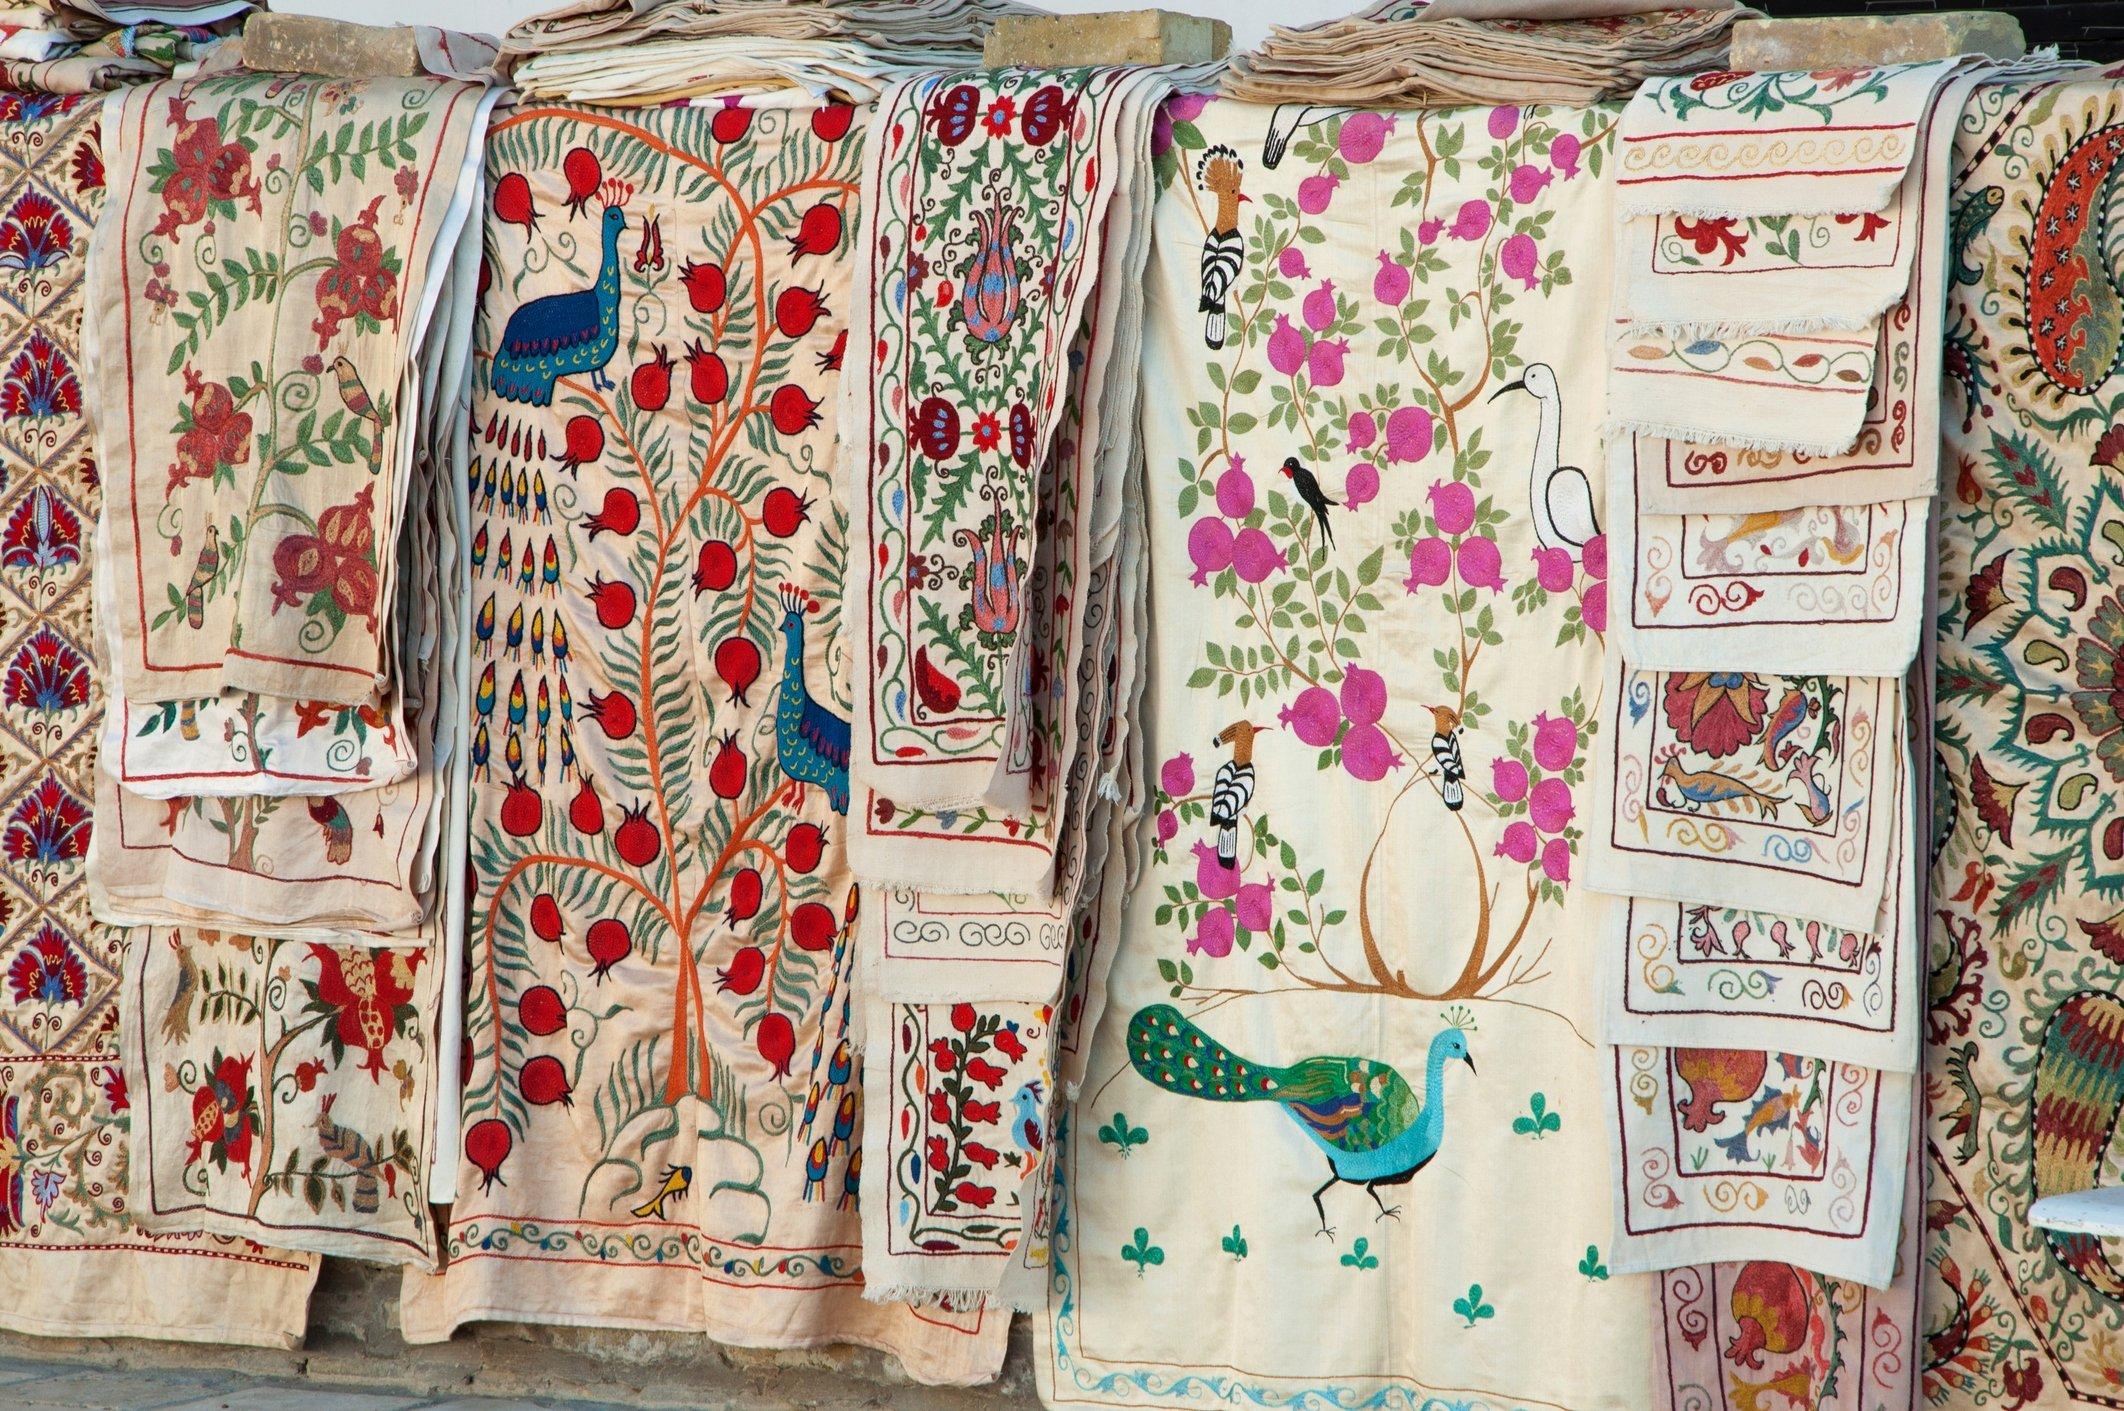 Market stalls lined with traditional Uzbek suzani fabrics. (iStock Photo)